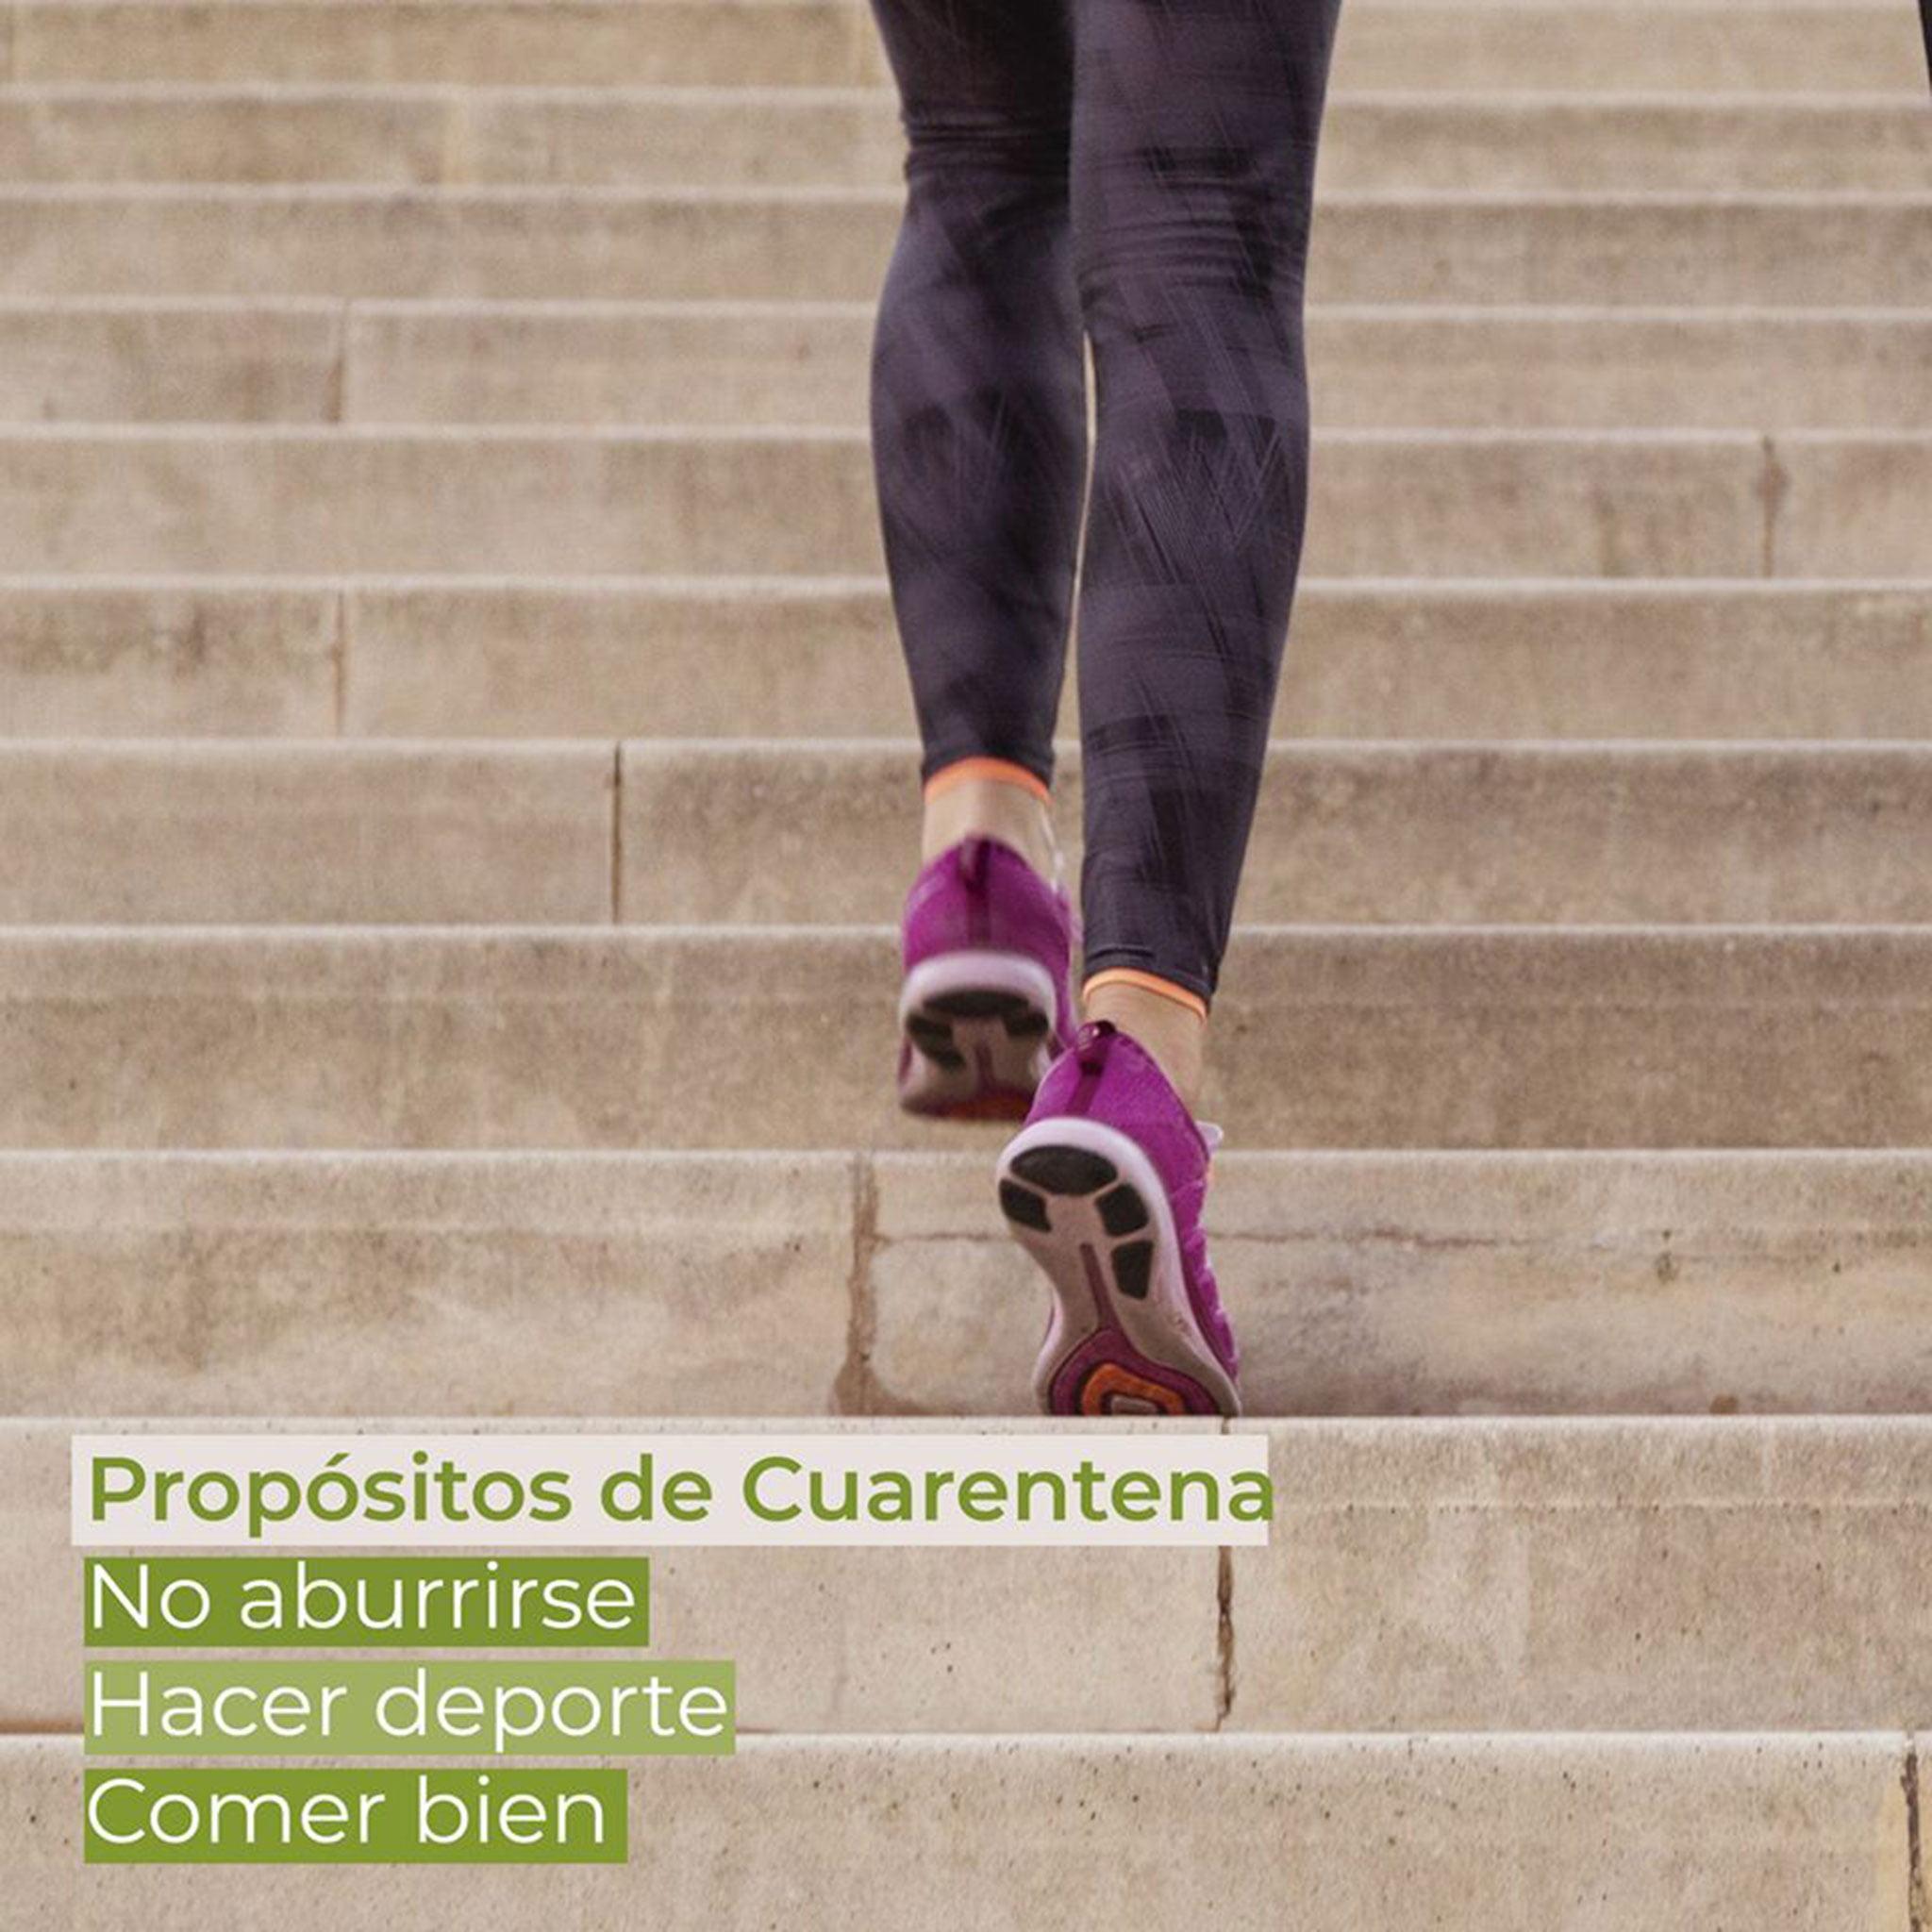 Издание Castelblanque Aesthetic Clinic, чтобы напомнить вам о хороших привычках